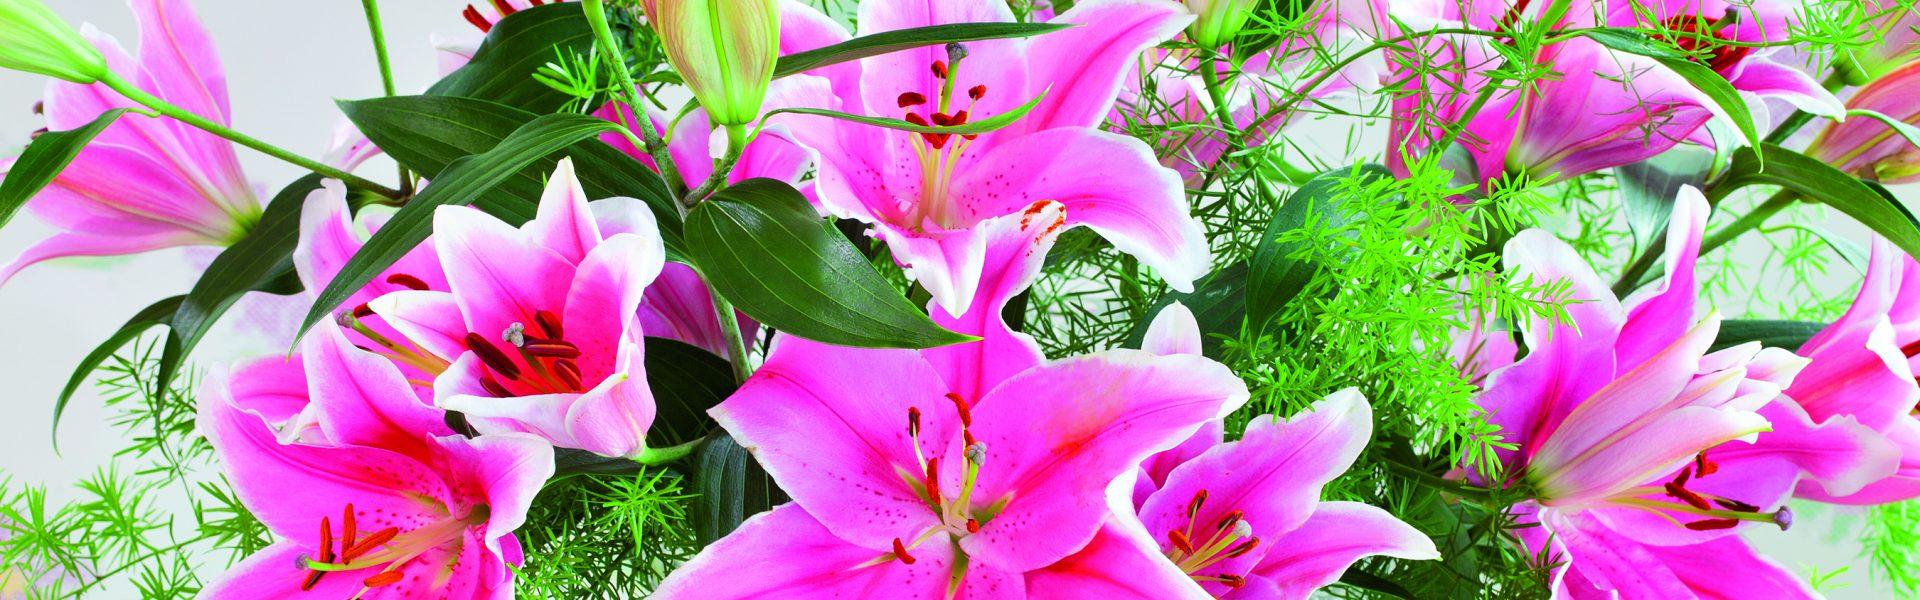 Lekne liljer i sommerbuketten